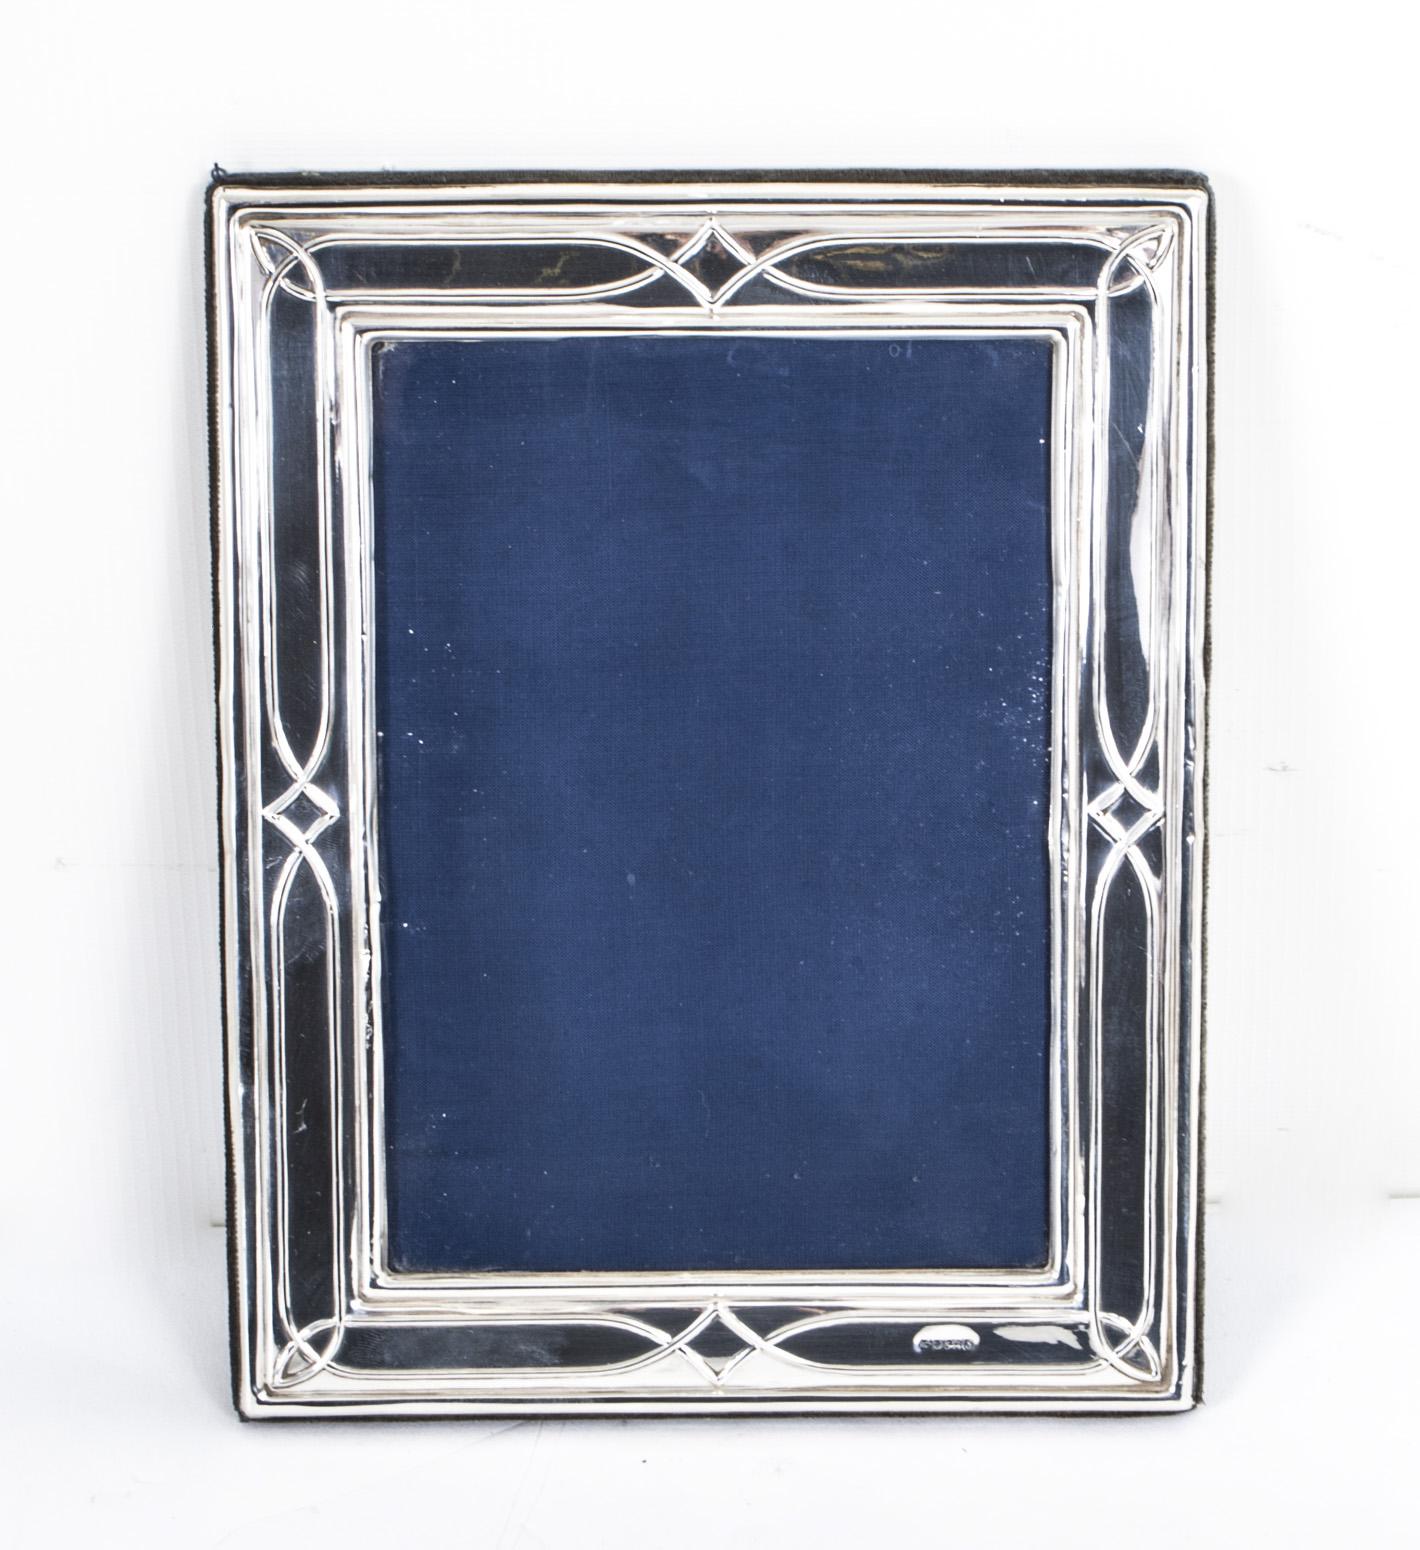 Stunning Vintage Art Nouveau Sterling Silver Frame Ref No 07733